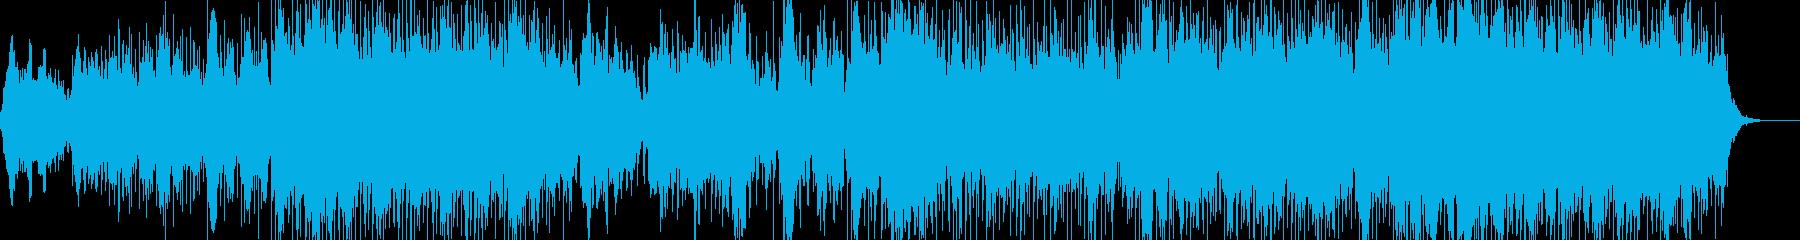 Blue cloudの再生済みの波形